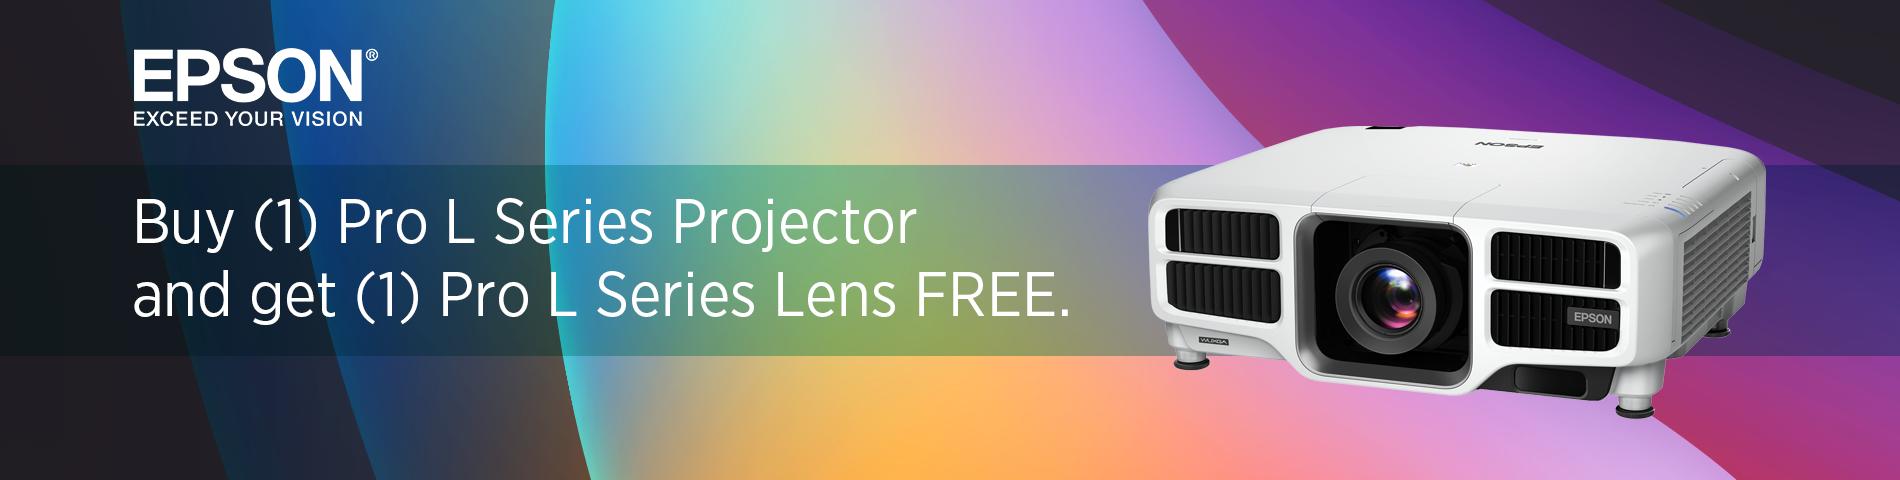 Epson Free Lens Promo